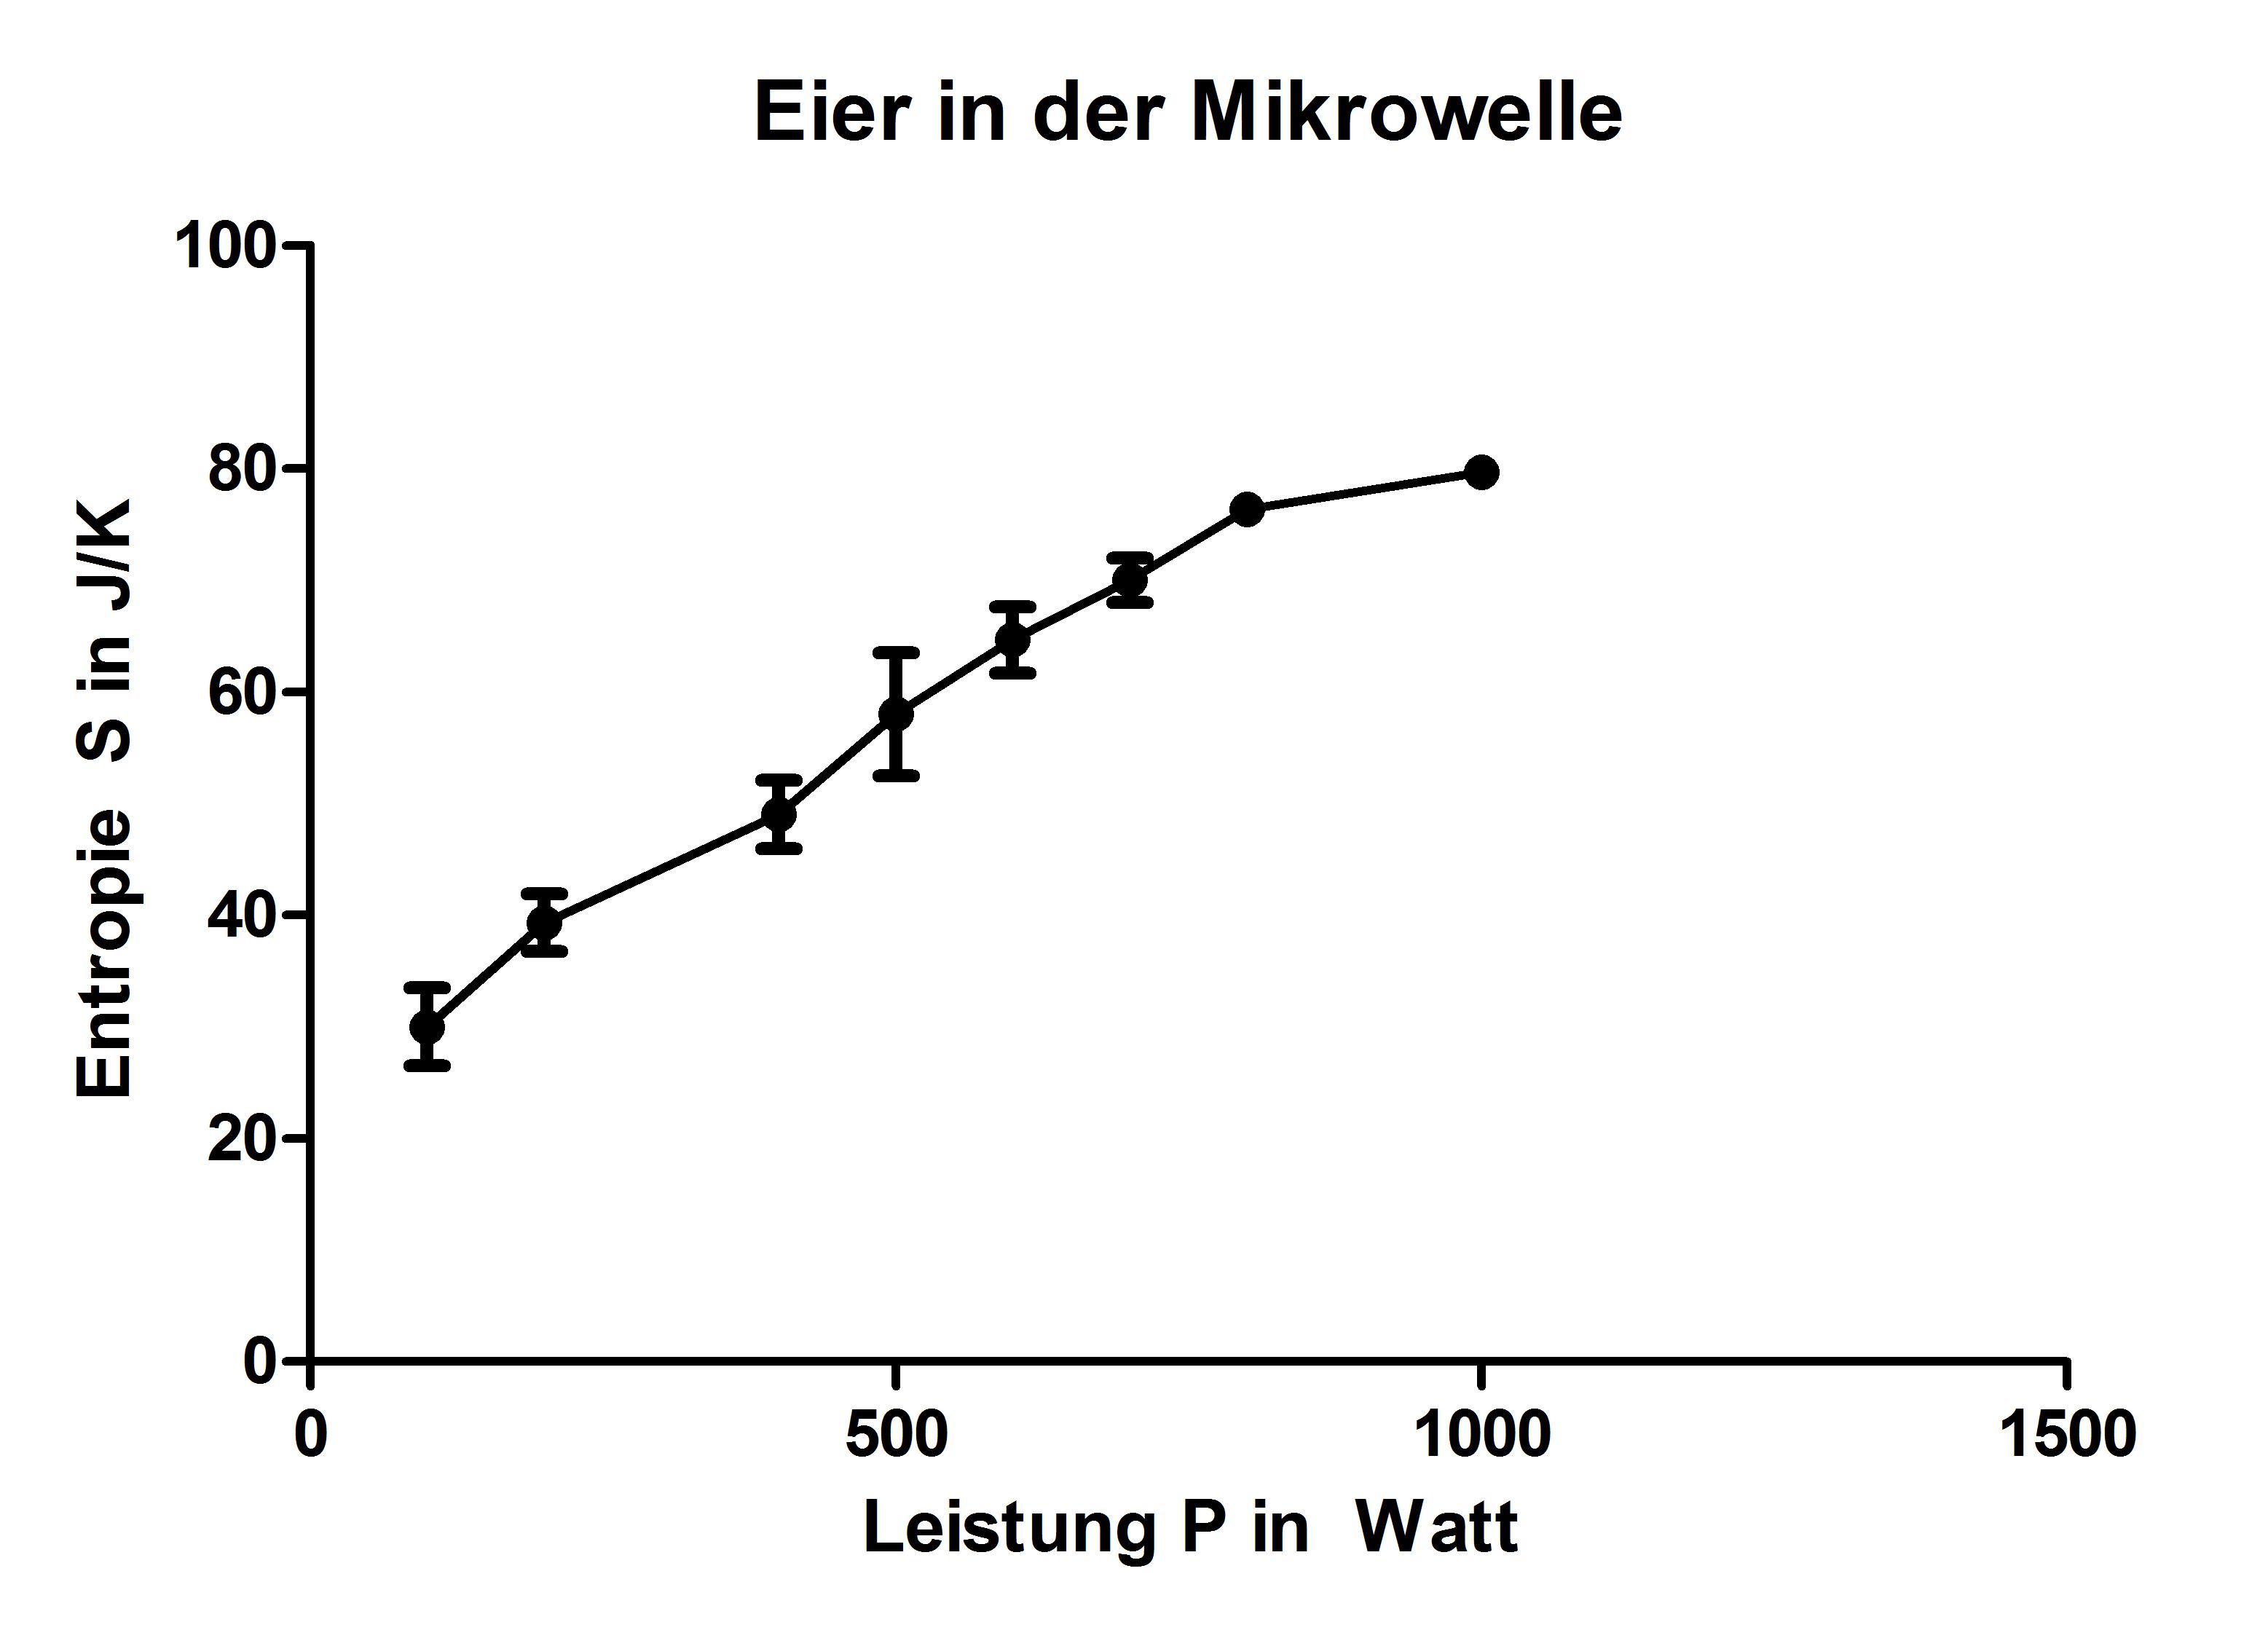 Die 5 naturkraft ordnungskraft seite 2 allmystery - Eier kochen in der mikrowelle ...